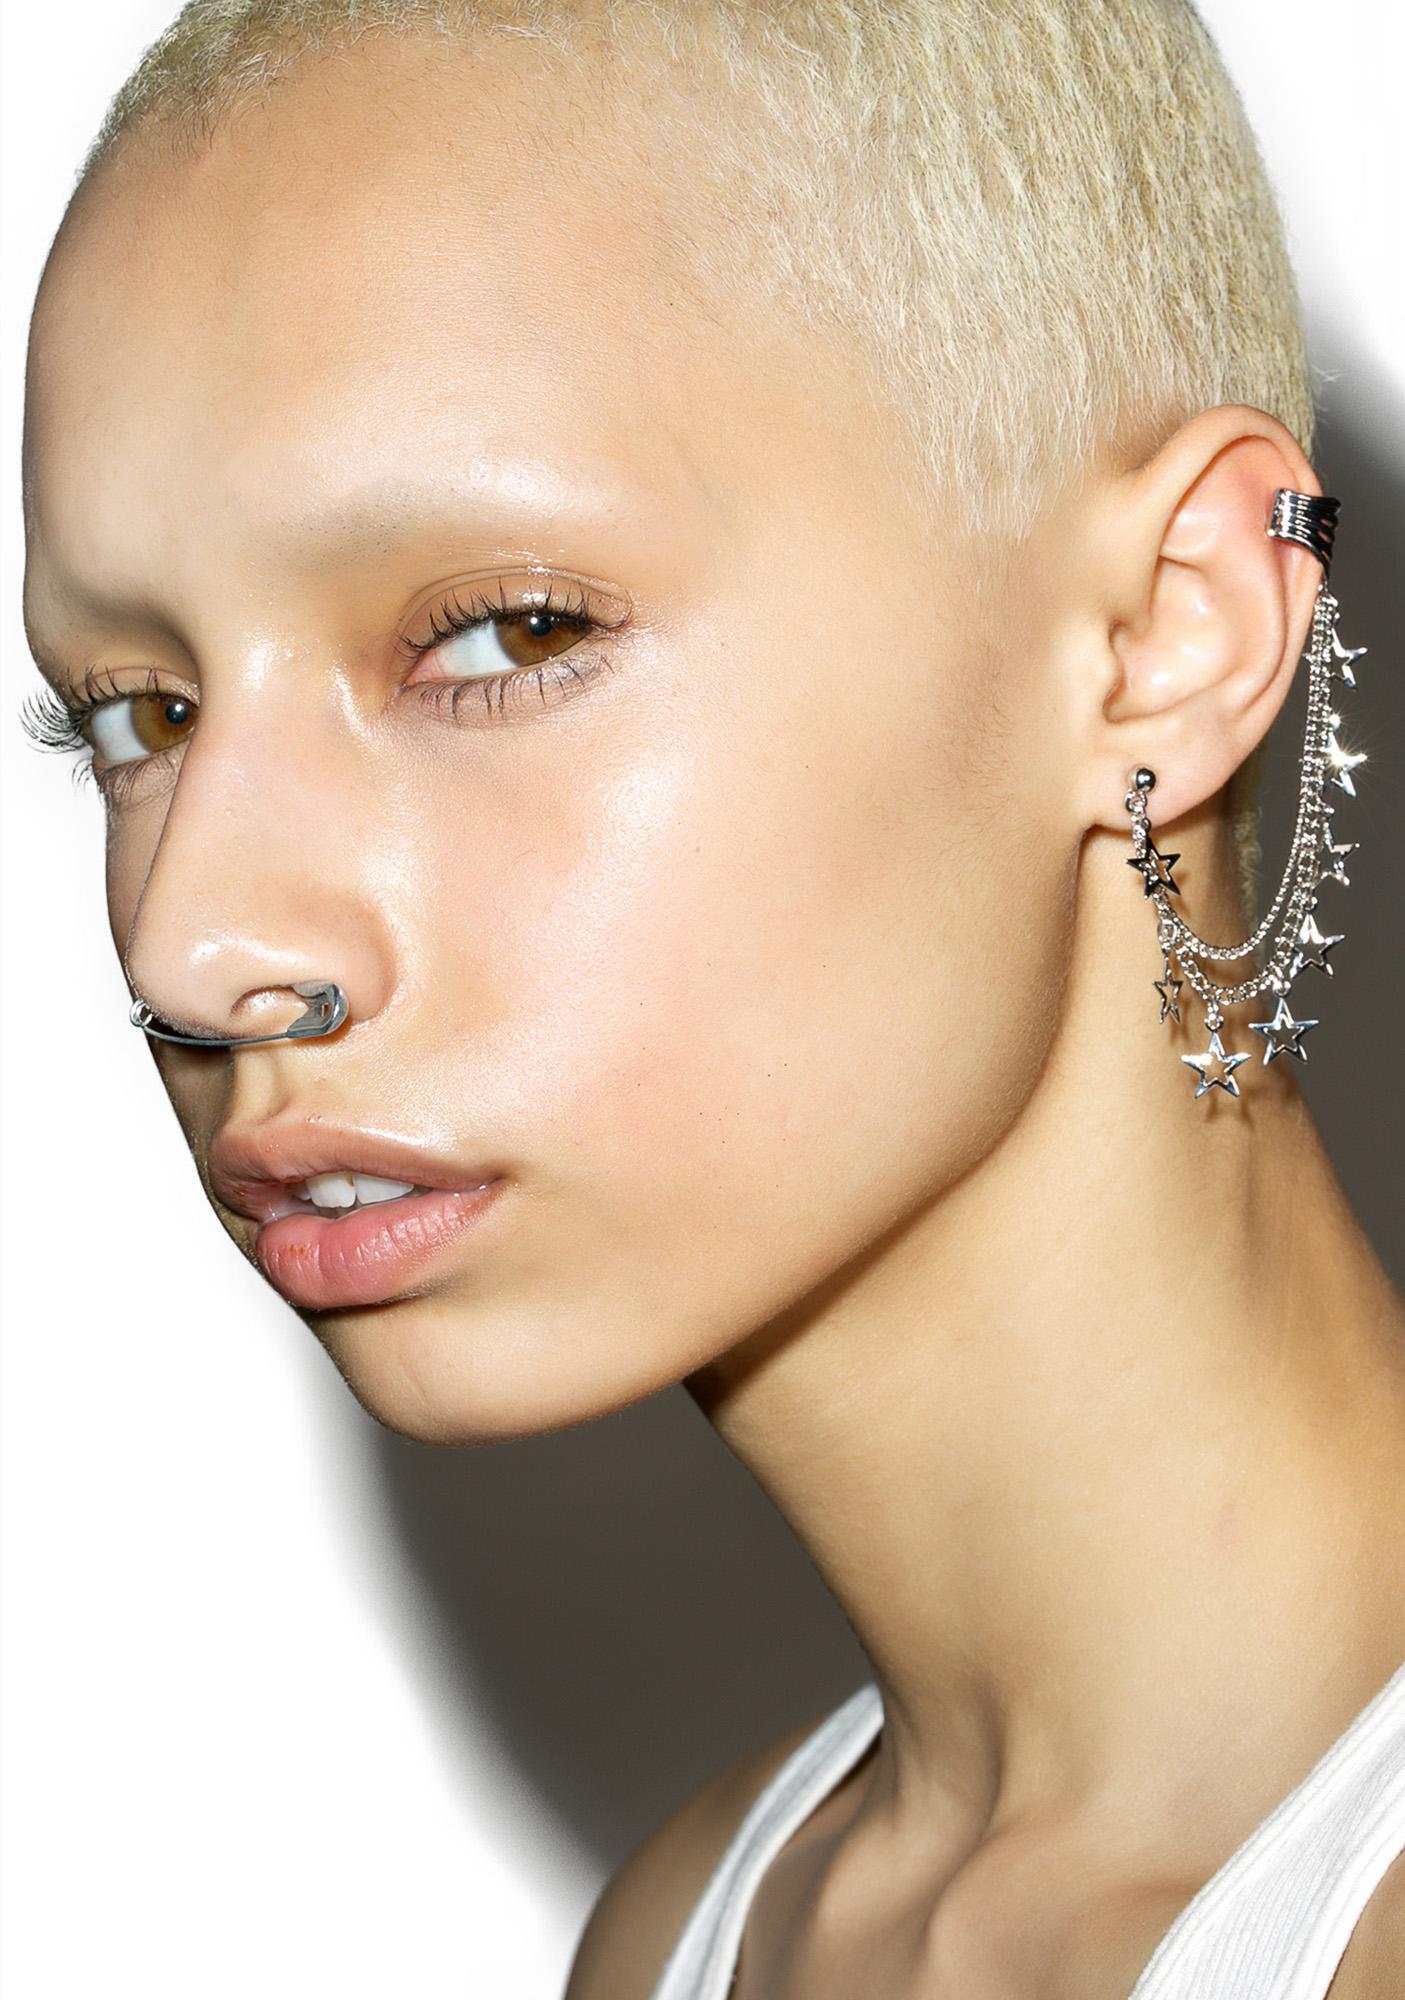 Fallin' Starz Ear Cuff